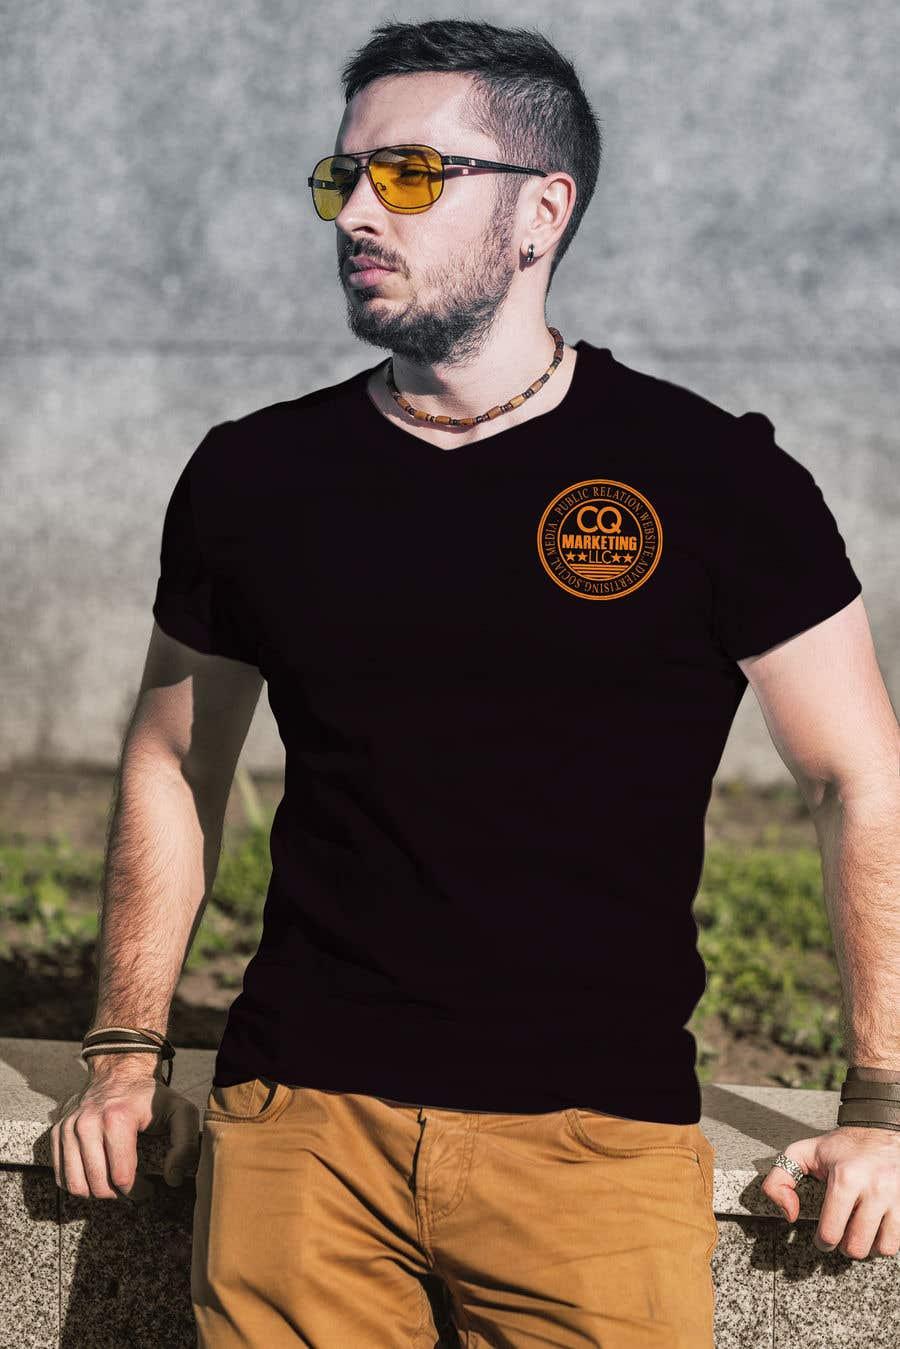 Konkurrenceindlæg #225 for Company T-Shirt Design